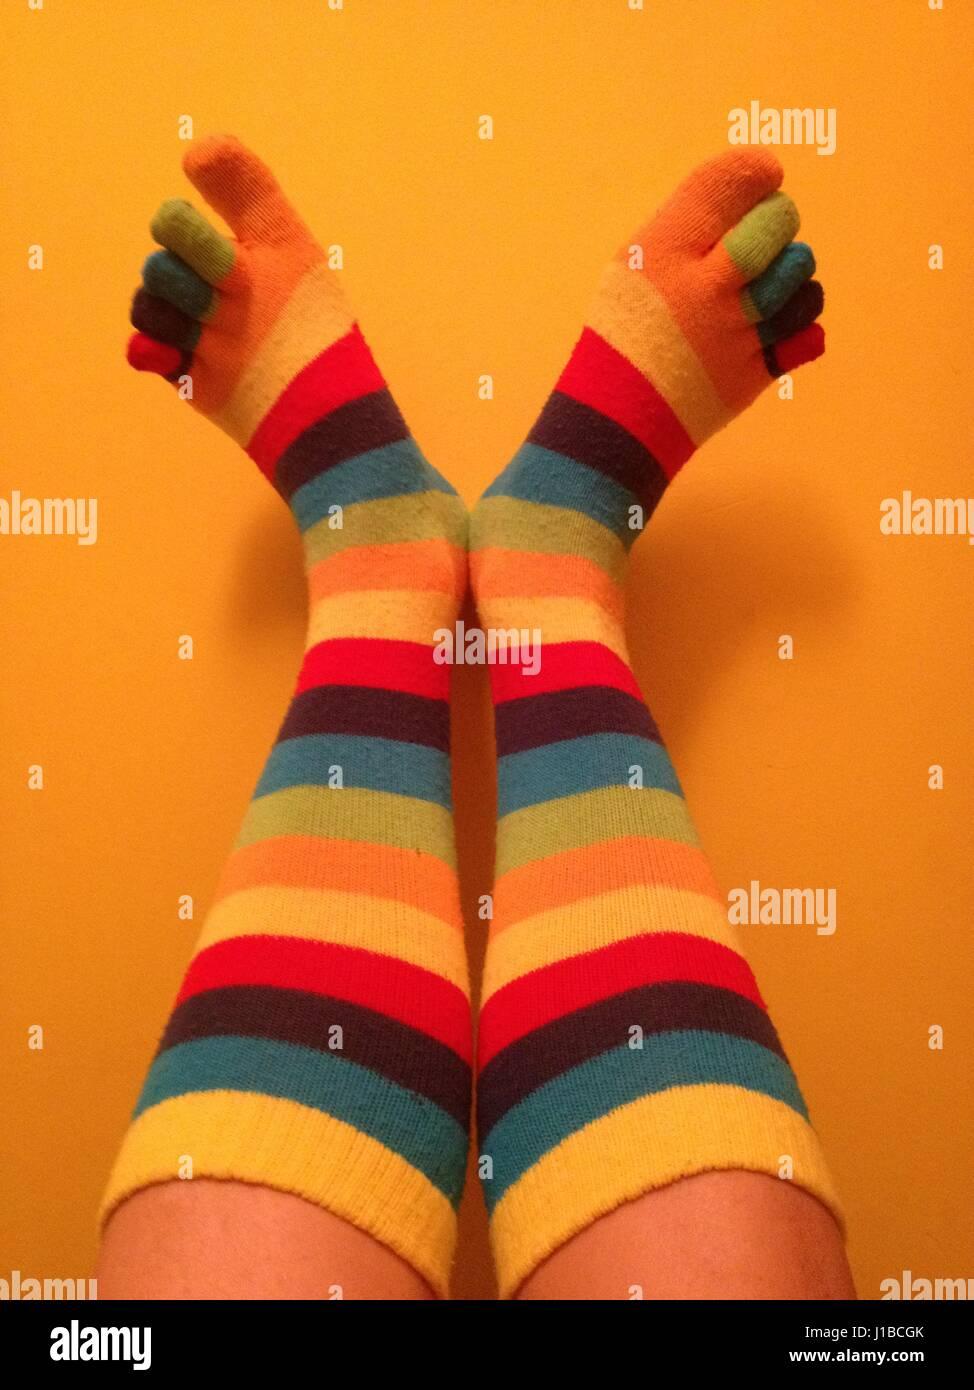 Stripey toe socks. poner los pies en la pared en cómodos calcetines toe Imagen De Stock